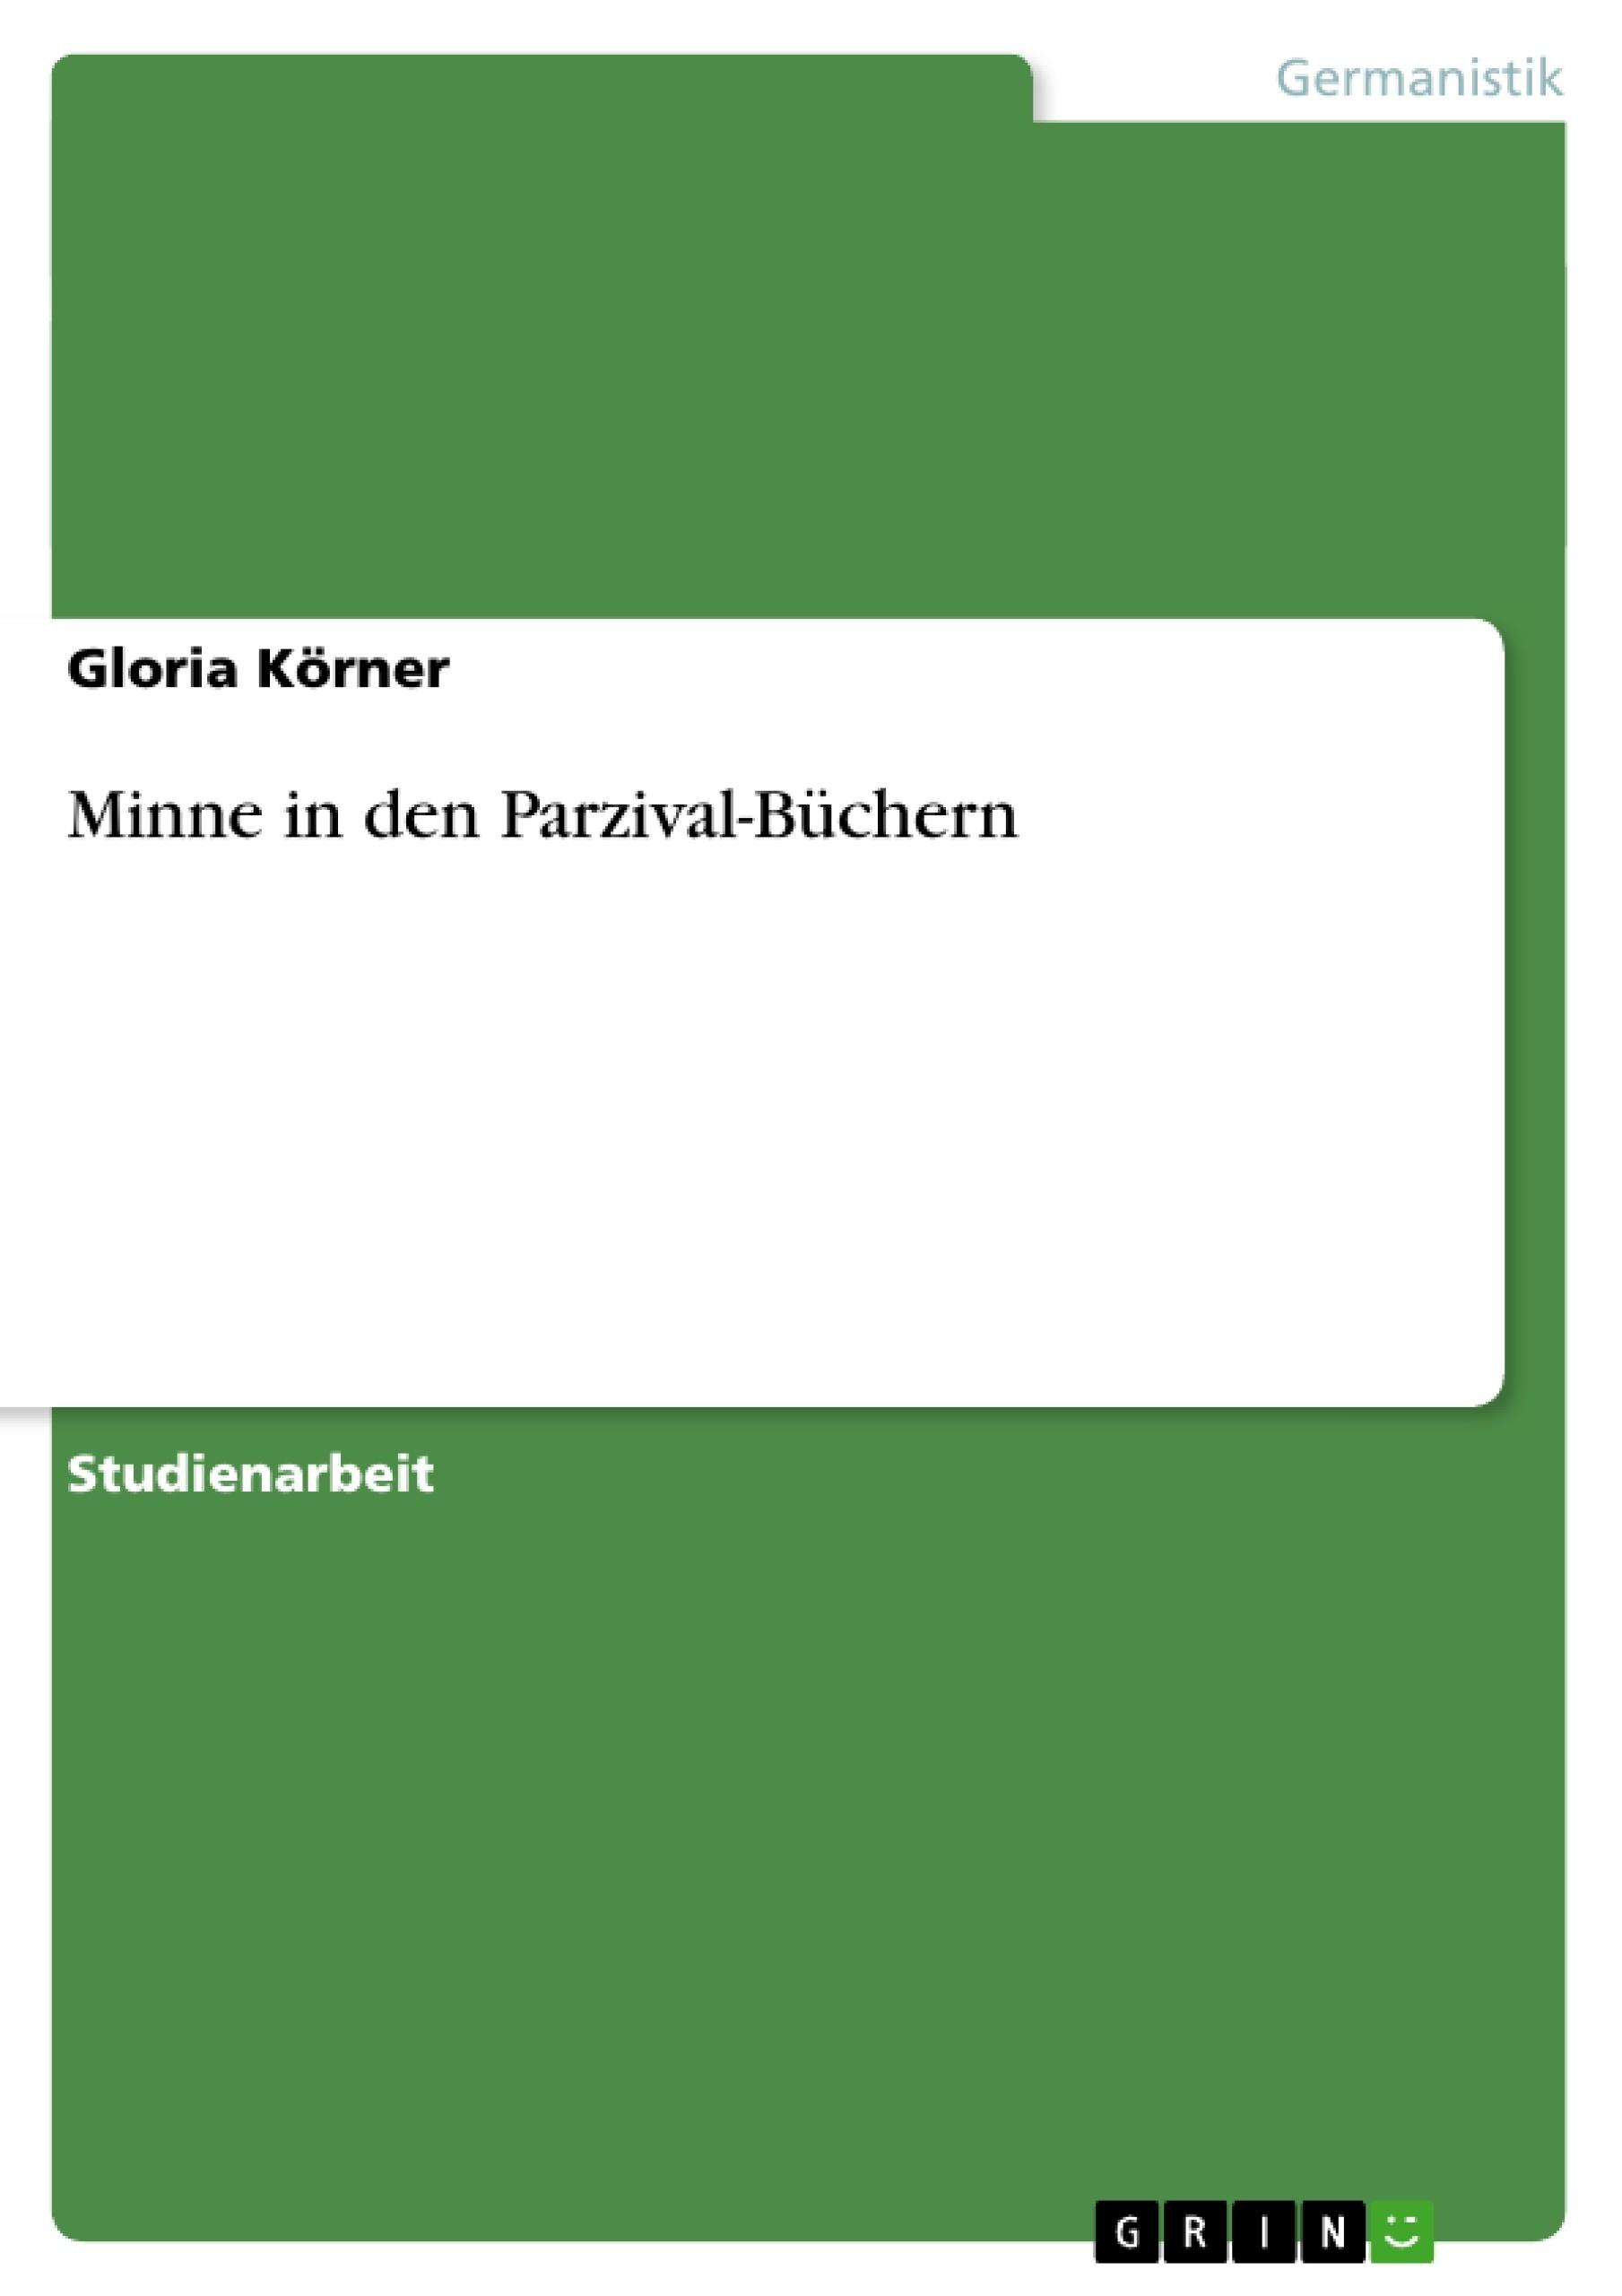 Titel: Minne in den Parzival-Büchern